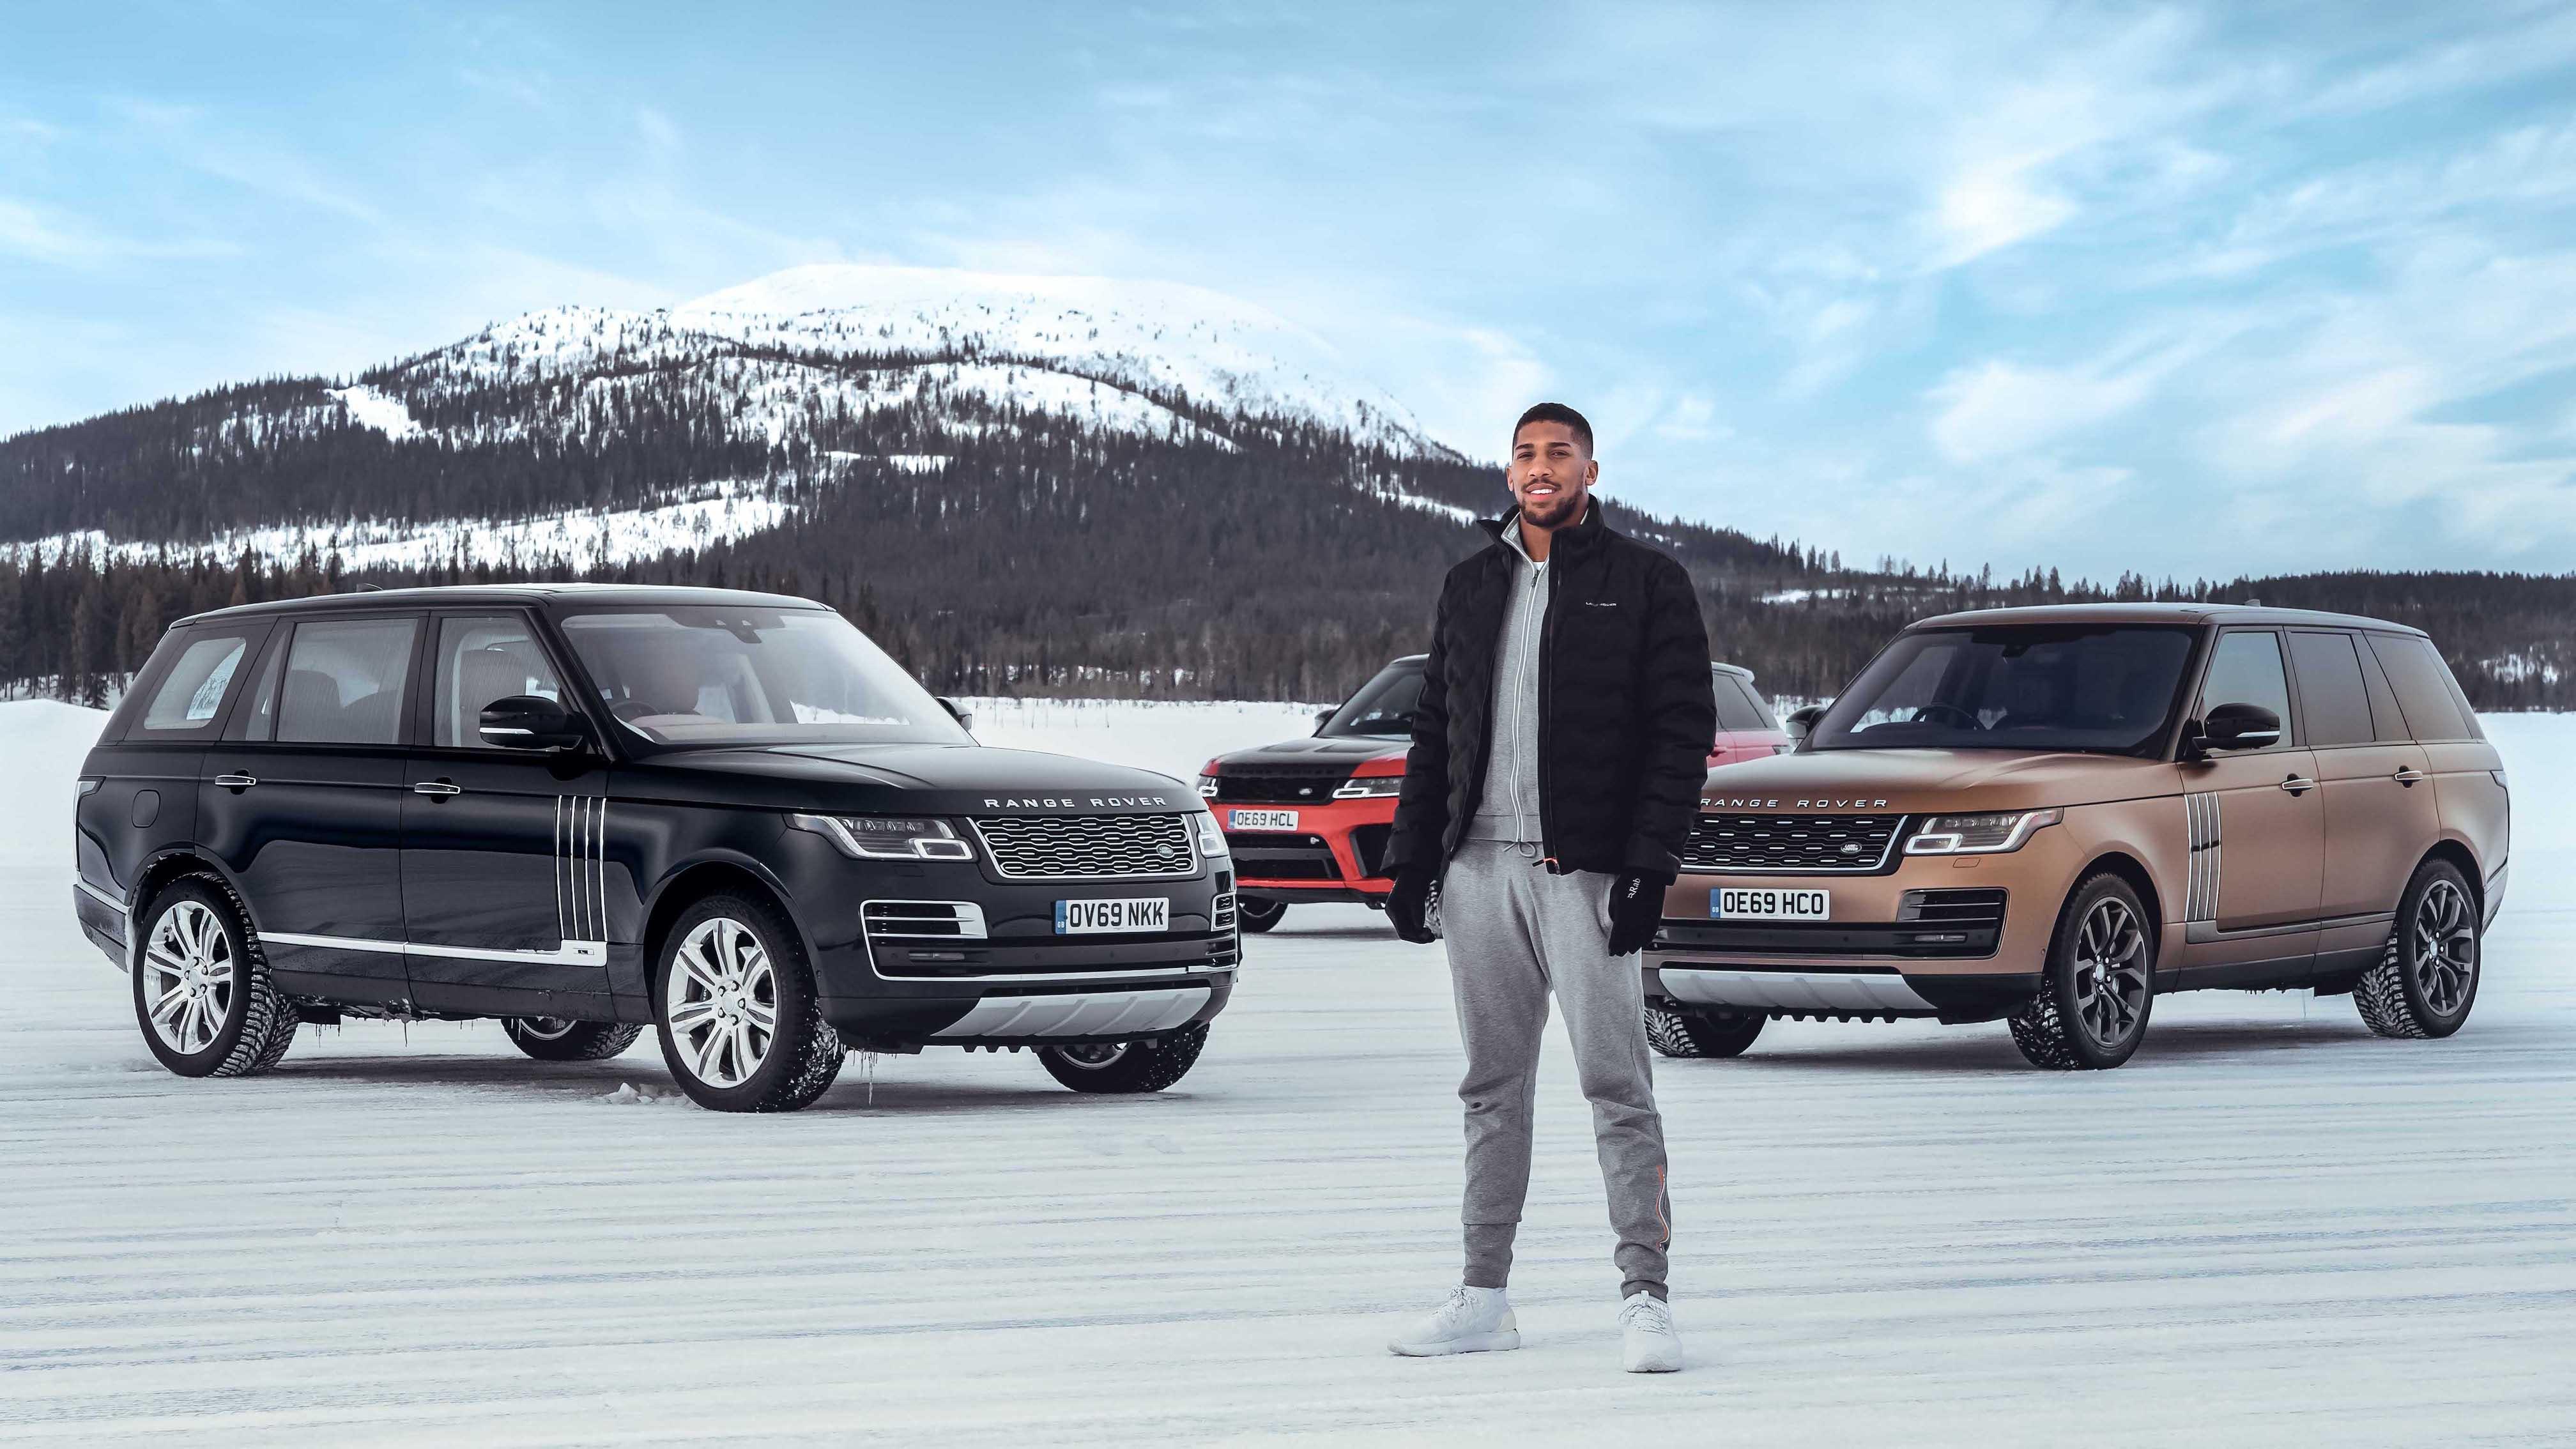 【影】Land Rover 邀請世界重量級拳王 Anthony Joshua 挑戰極地駕馭